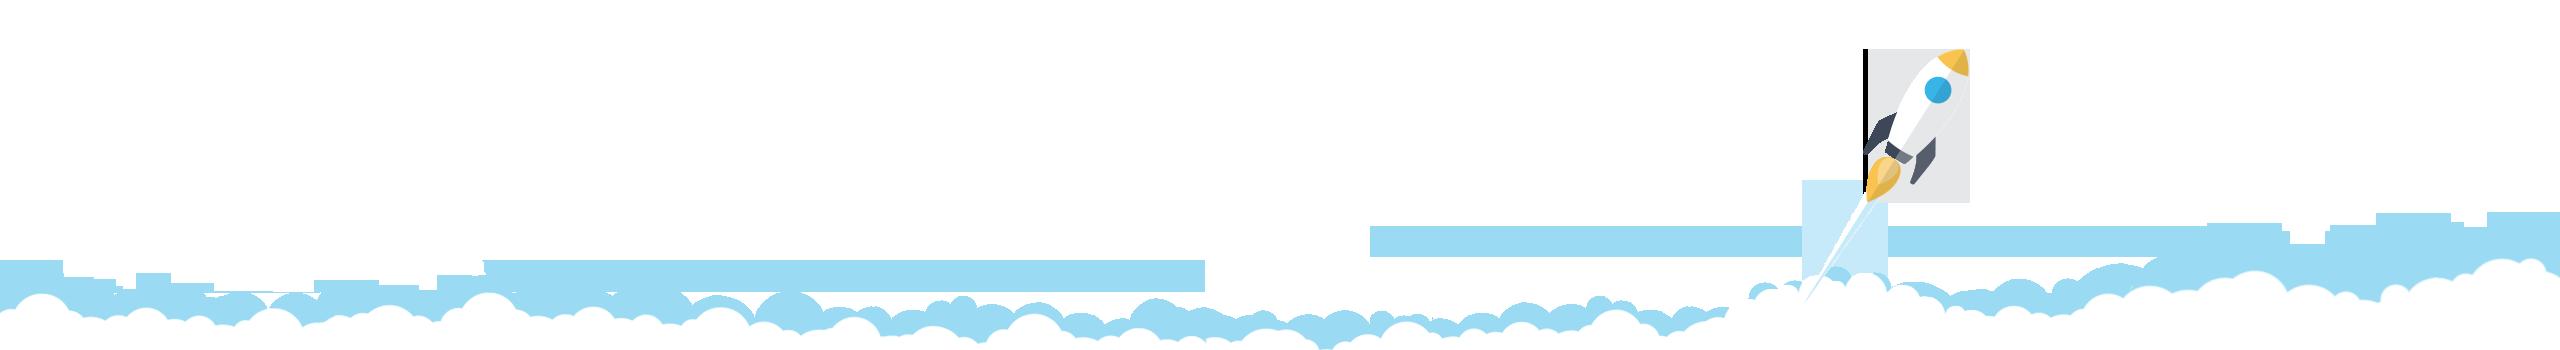 Top e-commerce Seo services, best Web design company in India,Web design in Coimbatore,Seo in Chennai, Bangalore